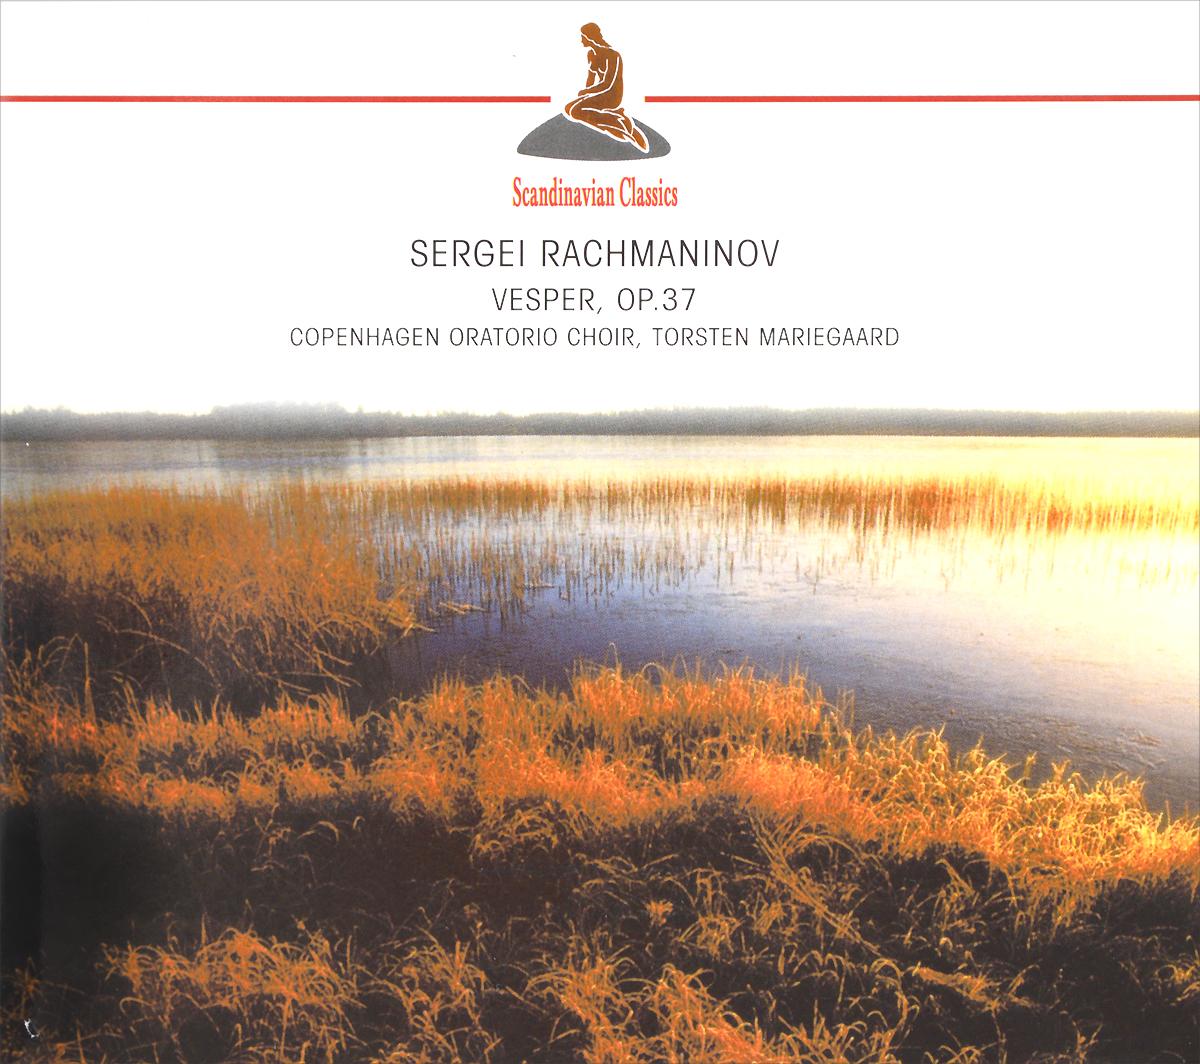 Torsten Mariegaard,Copenhagen Oratorio Choir Scandinavian Classics. Torsten Mariegaard. Sergei Rachmaninov. Vesper, Op. 37